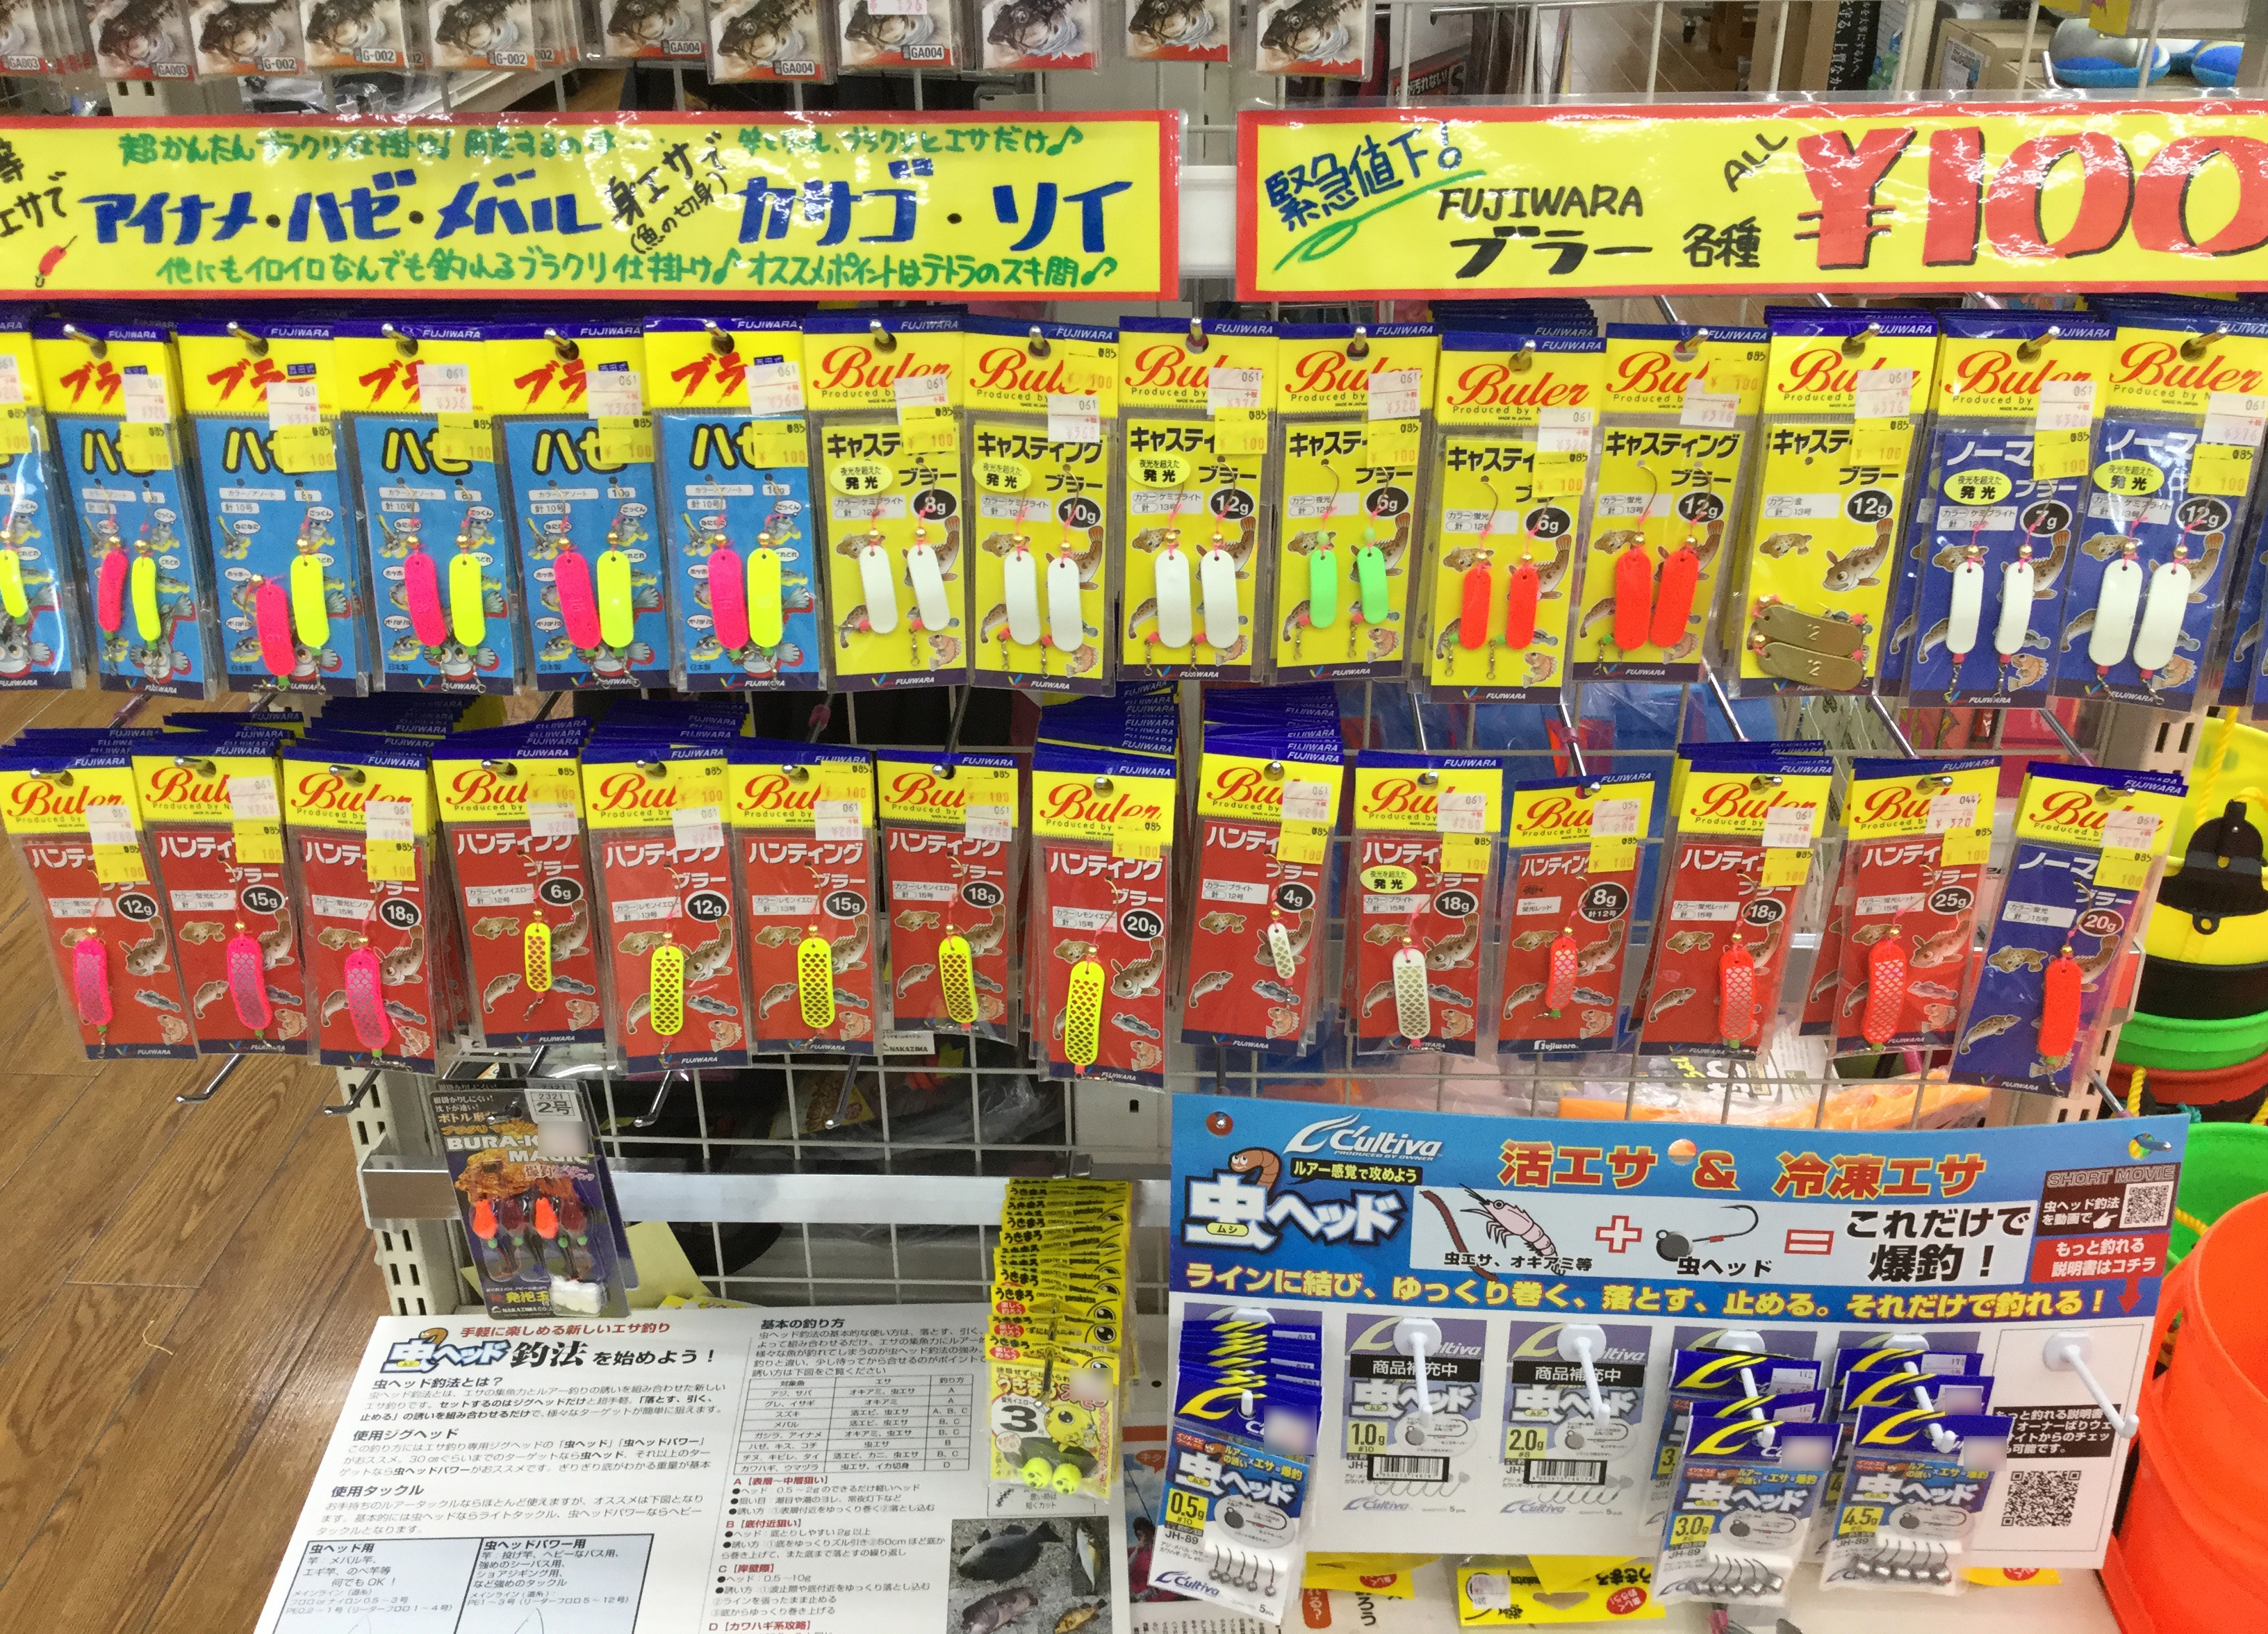 100円で美味しい魚がいろいろ狙えちゃう!フジワラ『ブラー』